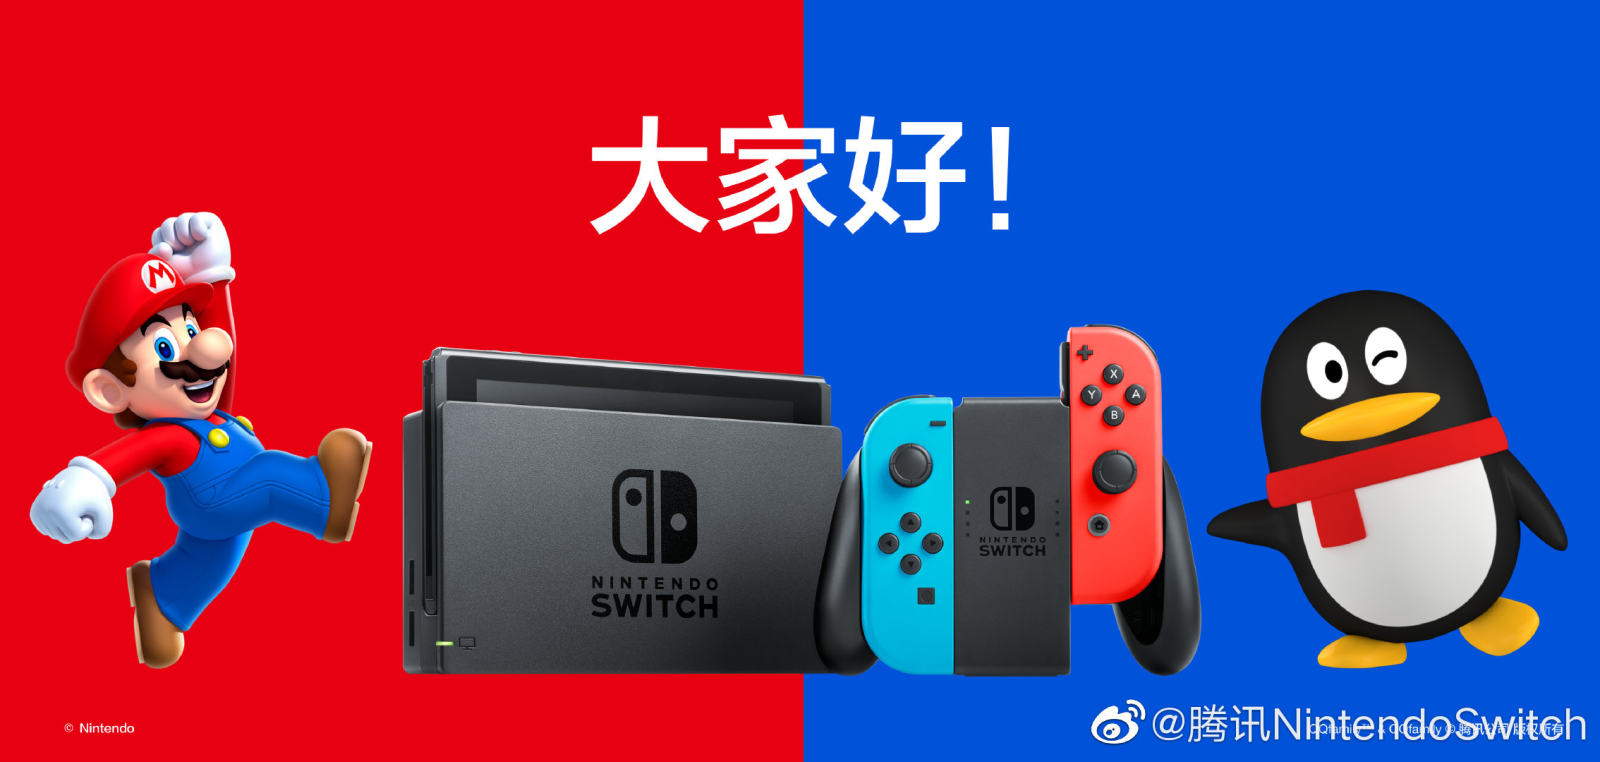 【更新】腾讯放出Nintendo Switch中文介绍视频